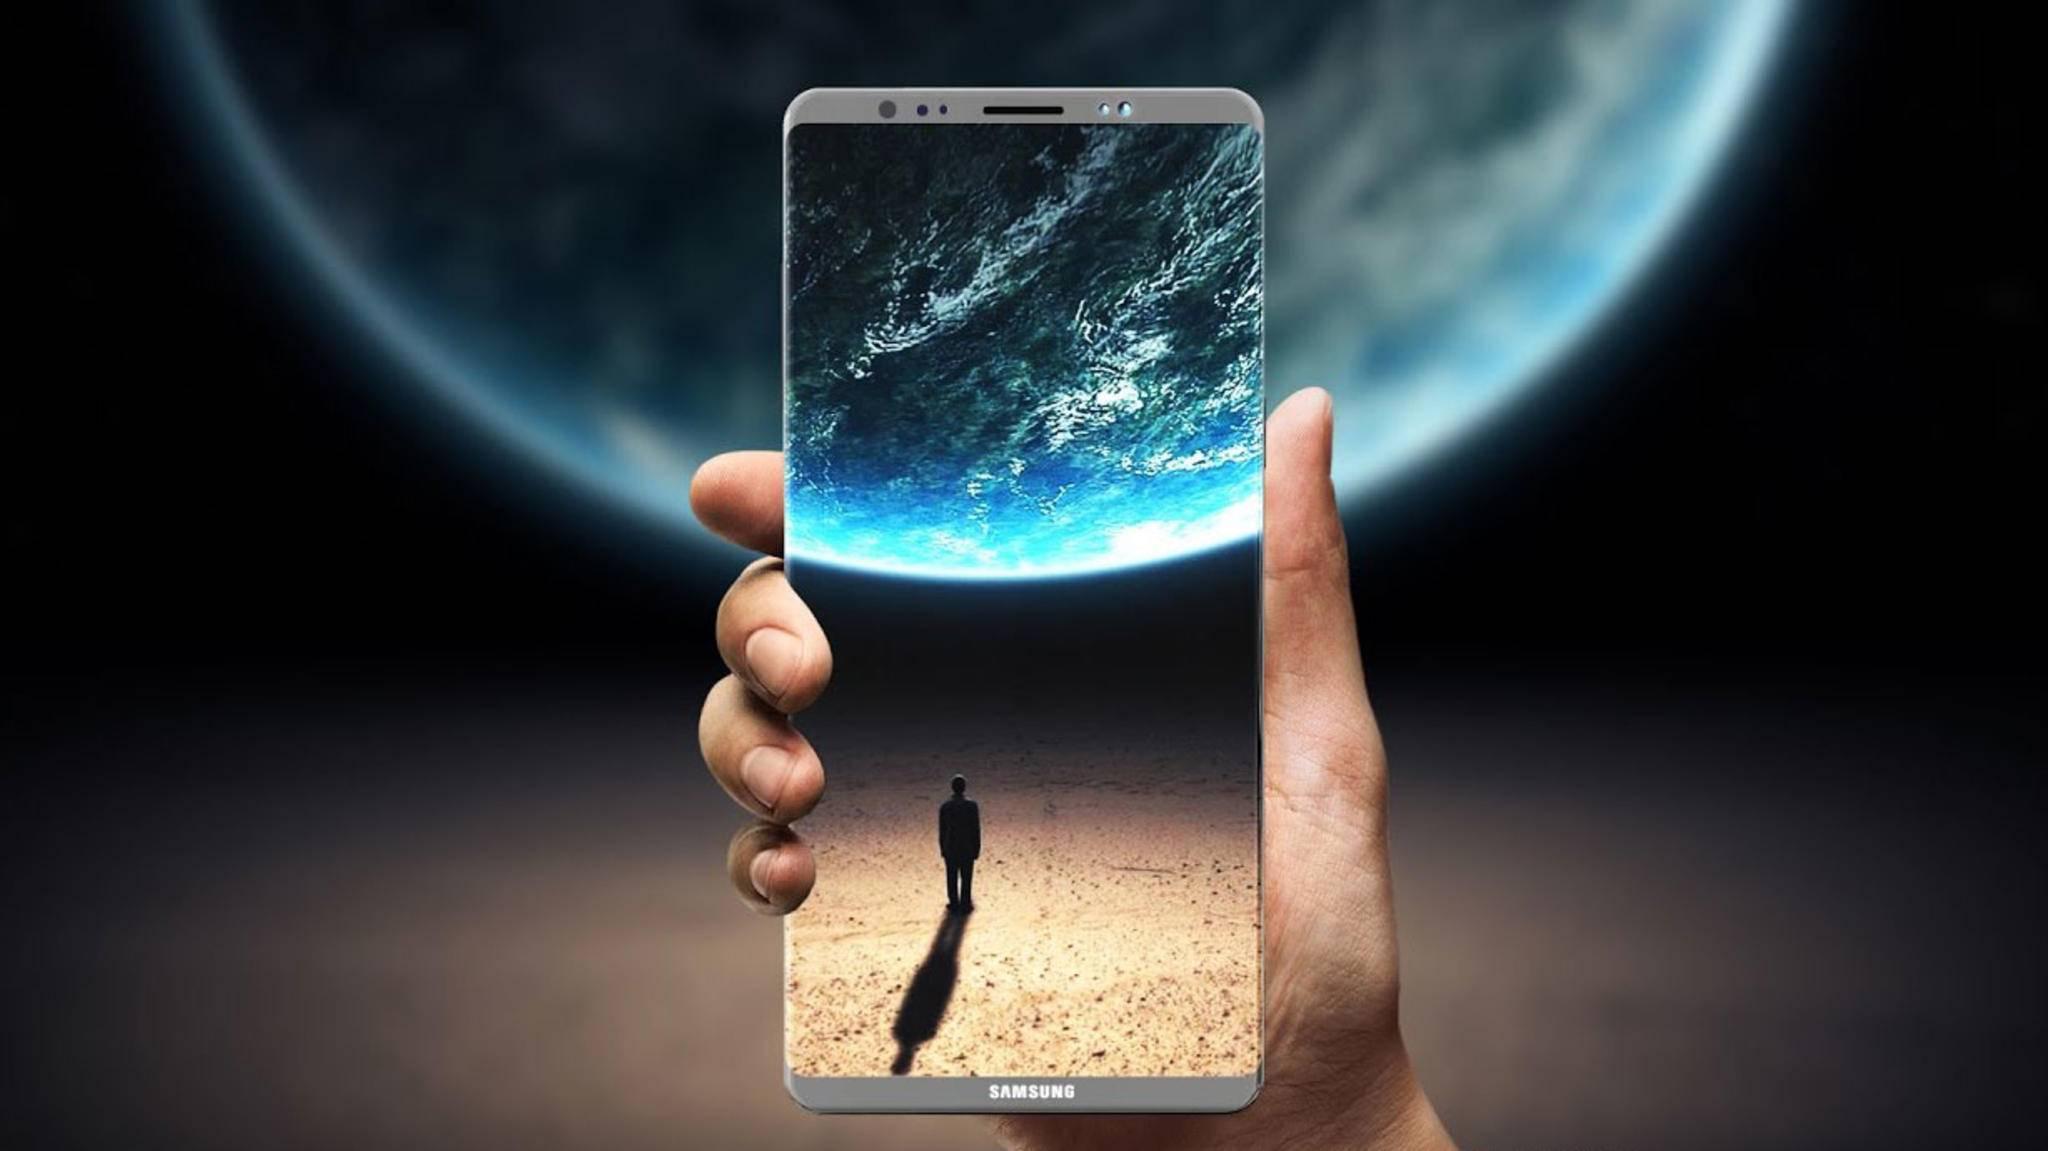 Das Galaxy Note 8 dürfte einen riesigen Infinity-Bildschirm bekommen, der jetzt womöglich geleakt wurde.